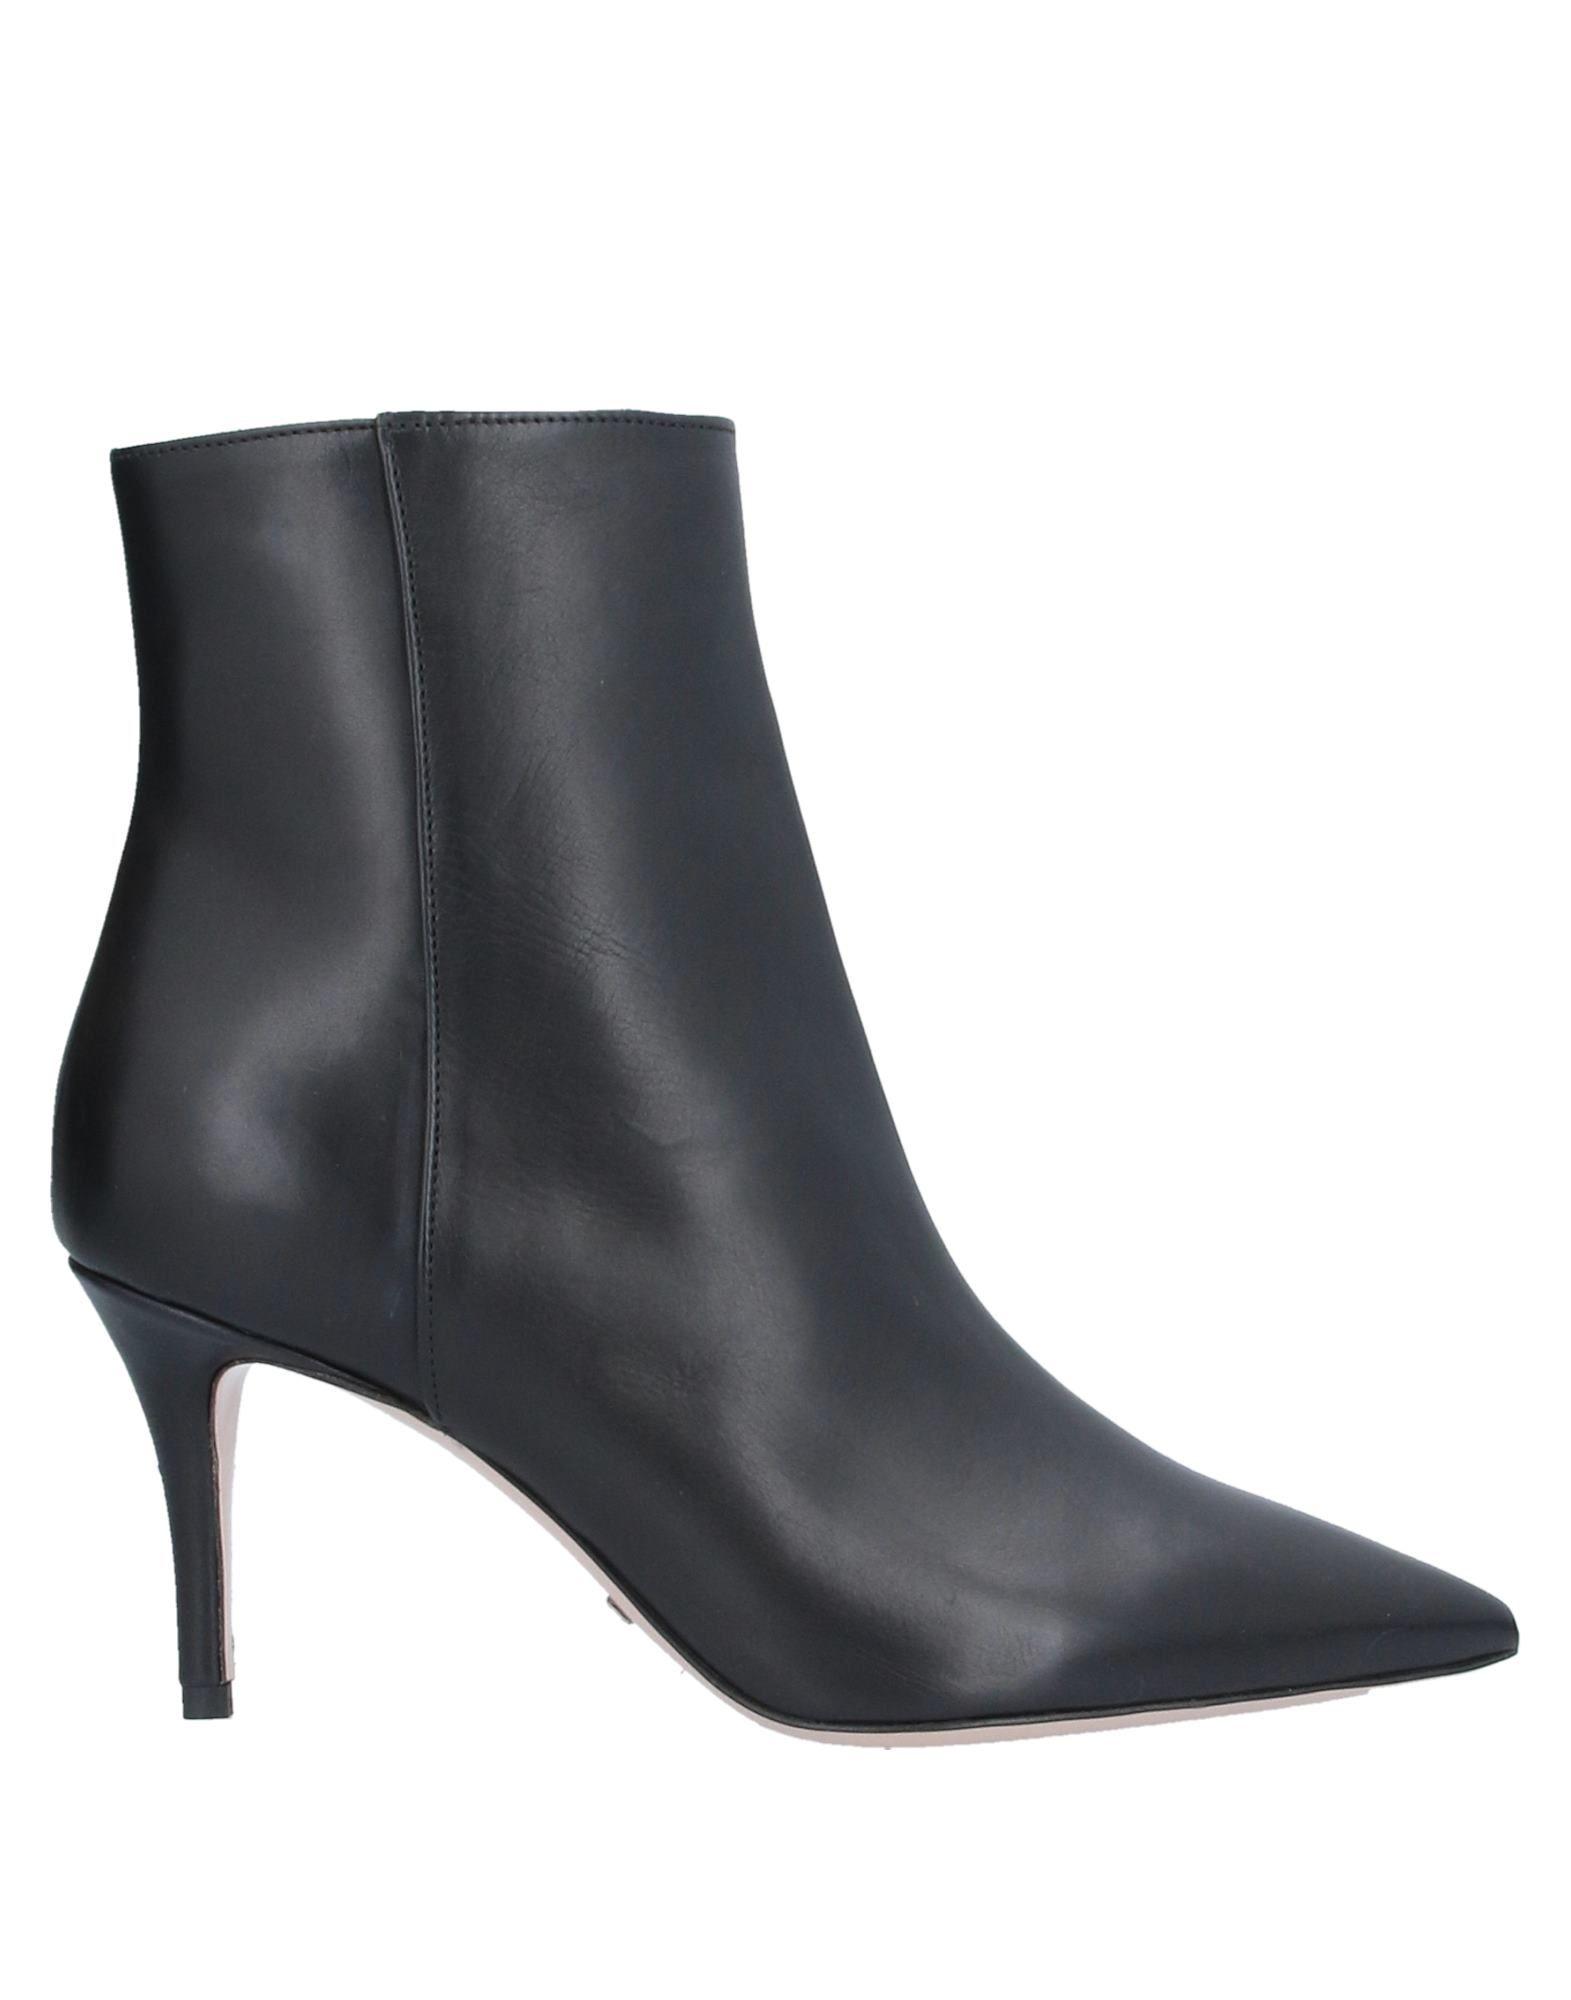 Фото - SEBASTIAN Полусапоги и высокие ботинки sebastian полусапоги и высокие ботинки